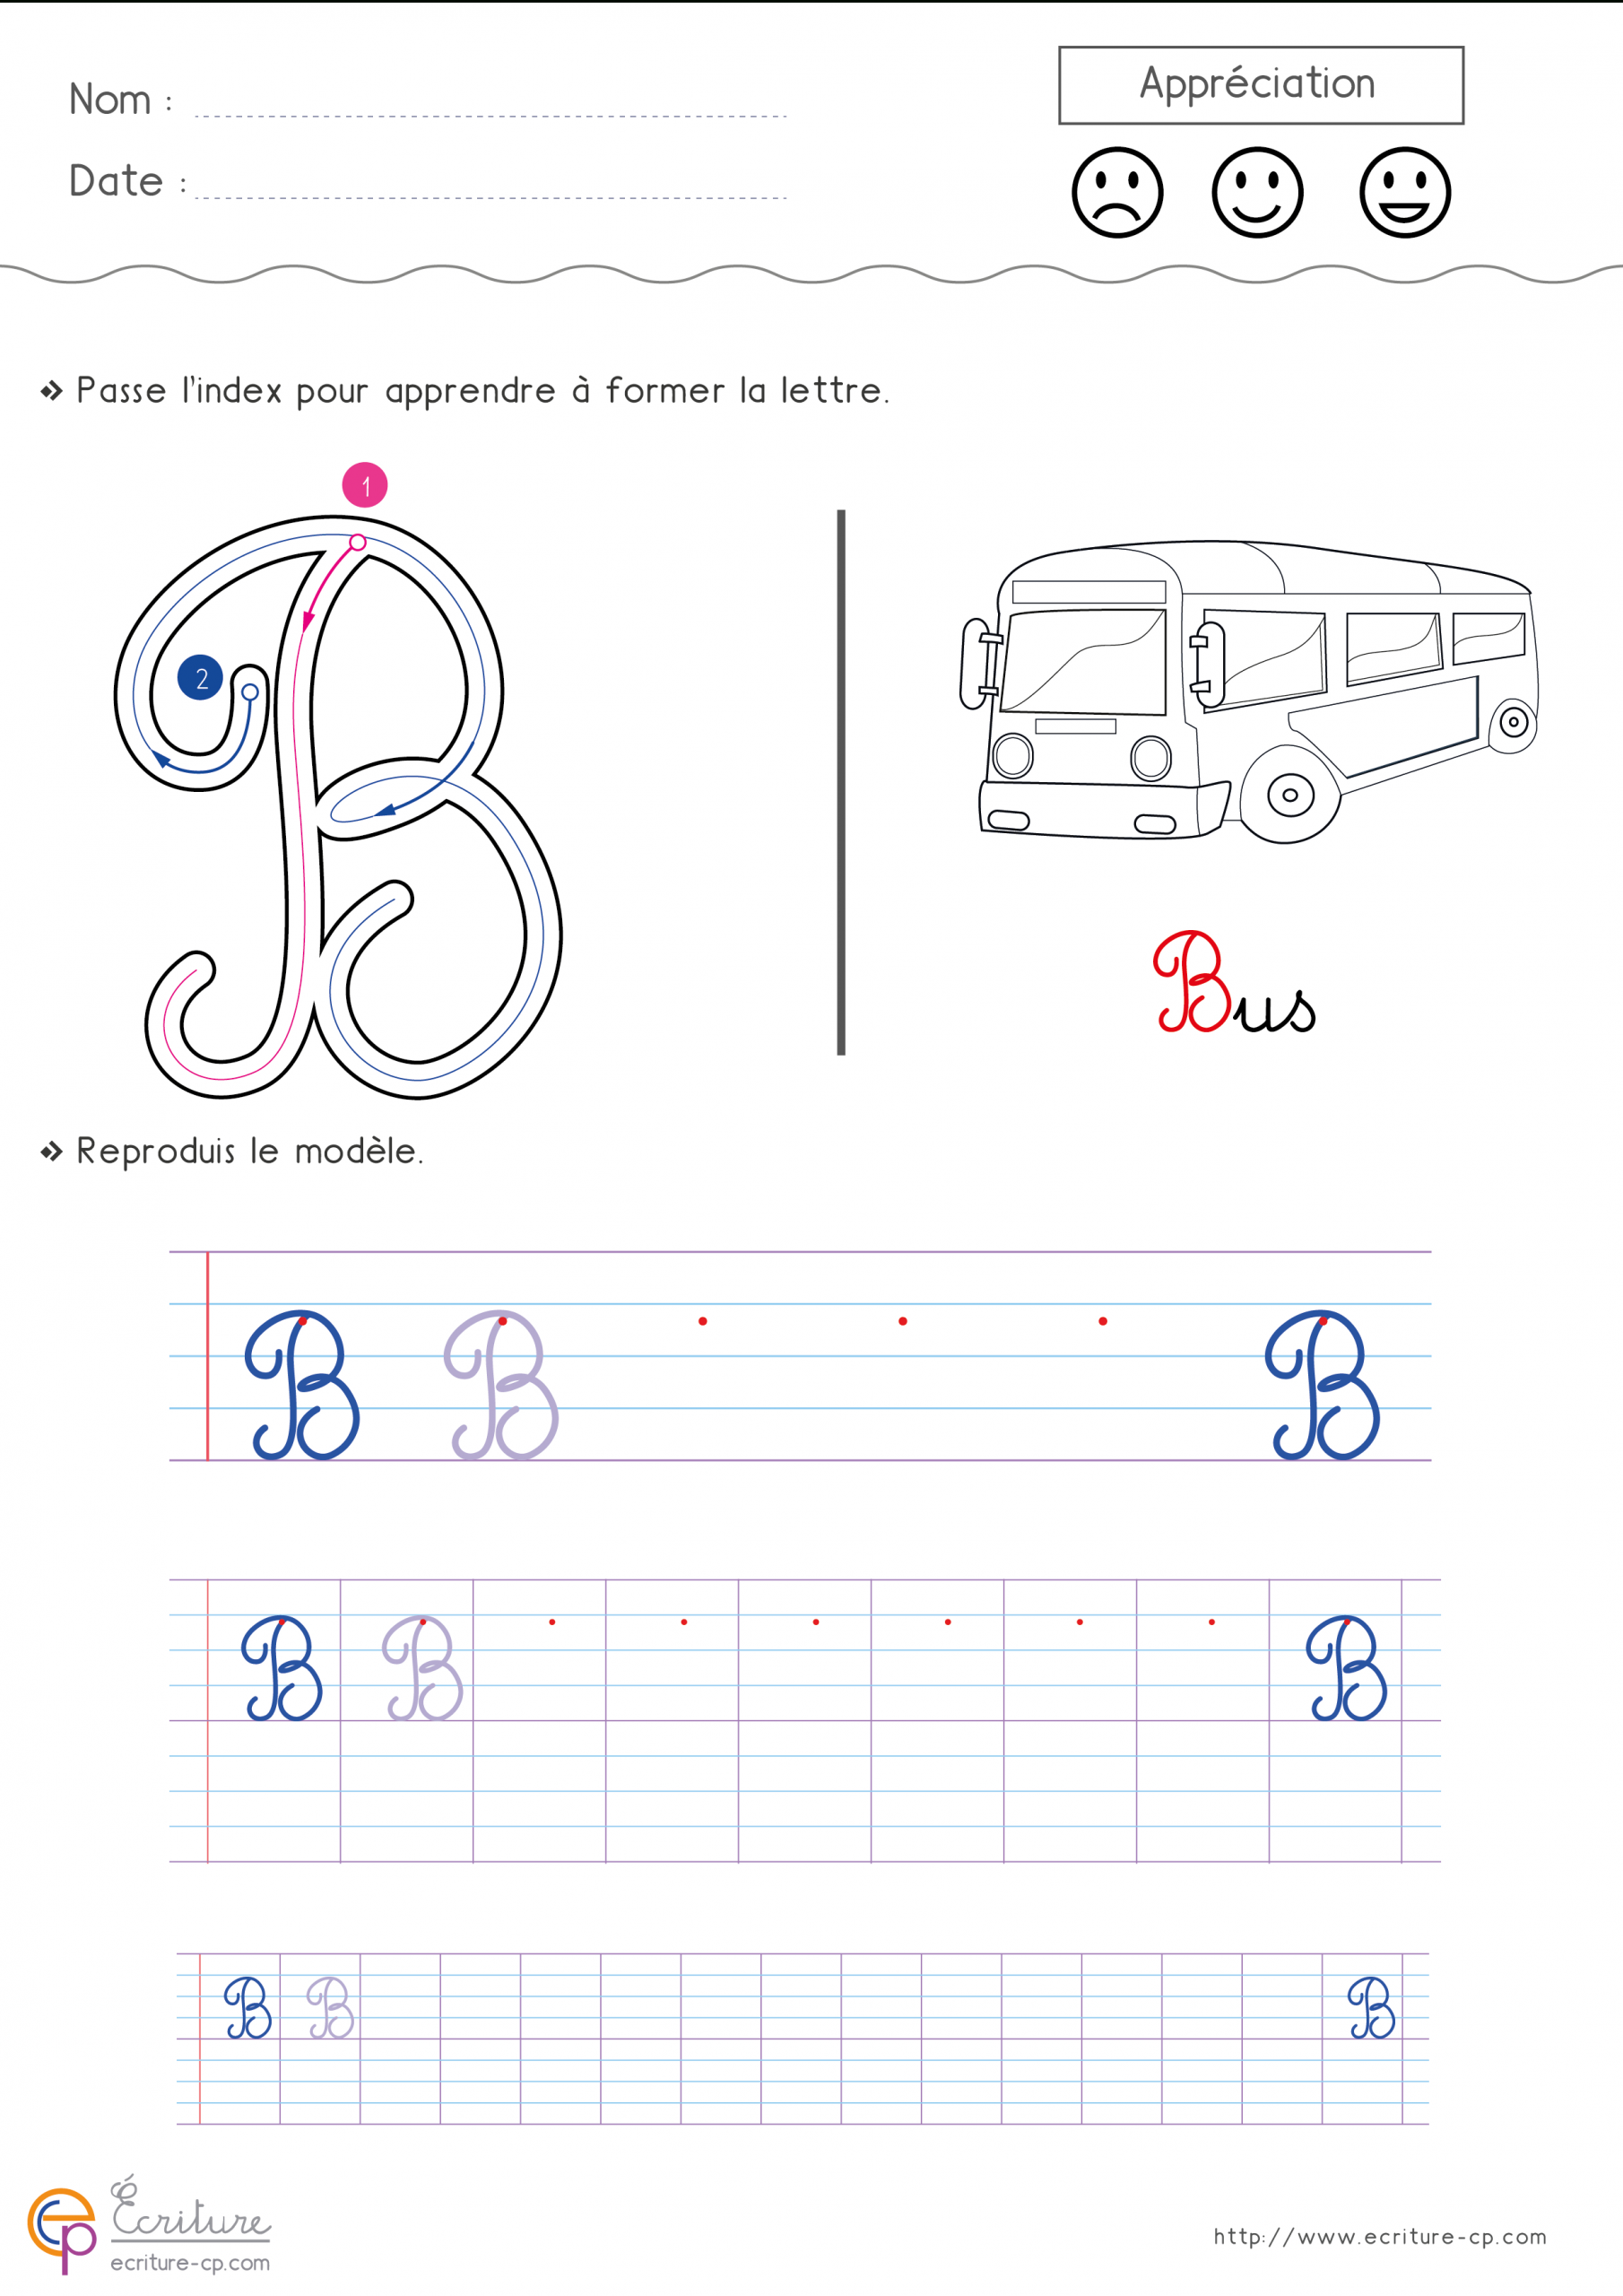 Écrire L'alphabet Majuscule Cursive Cp Ce1 | Fiche D concernant Apprendre A Écrire L Alphabet